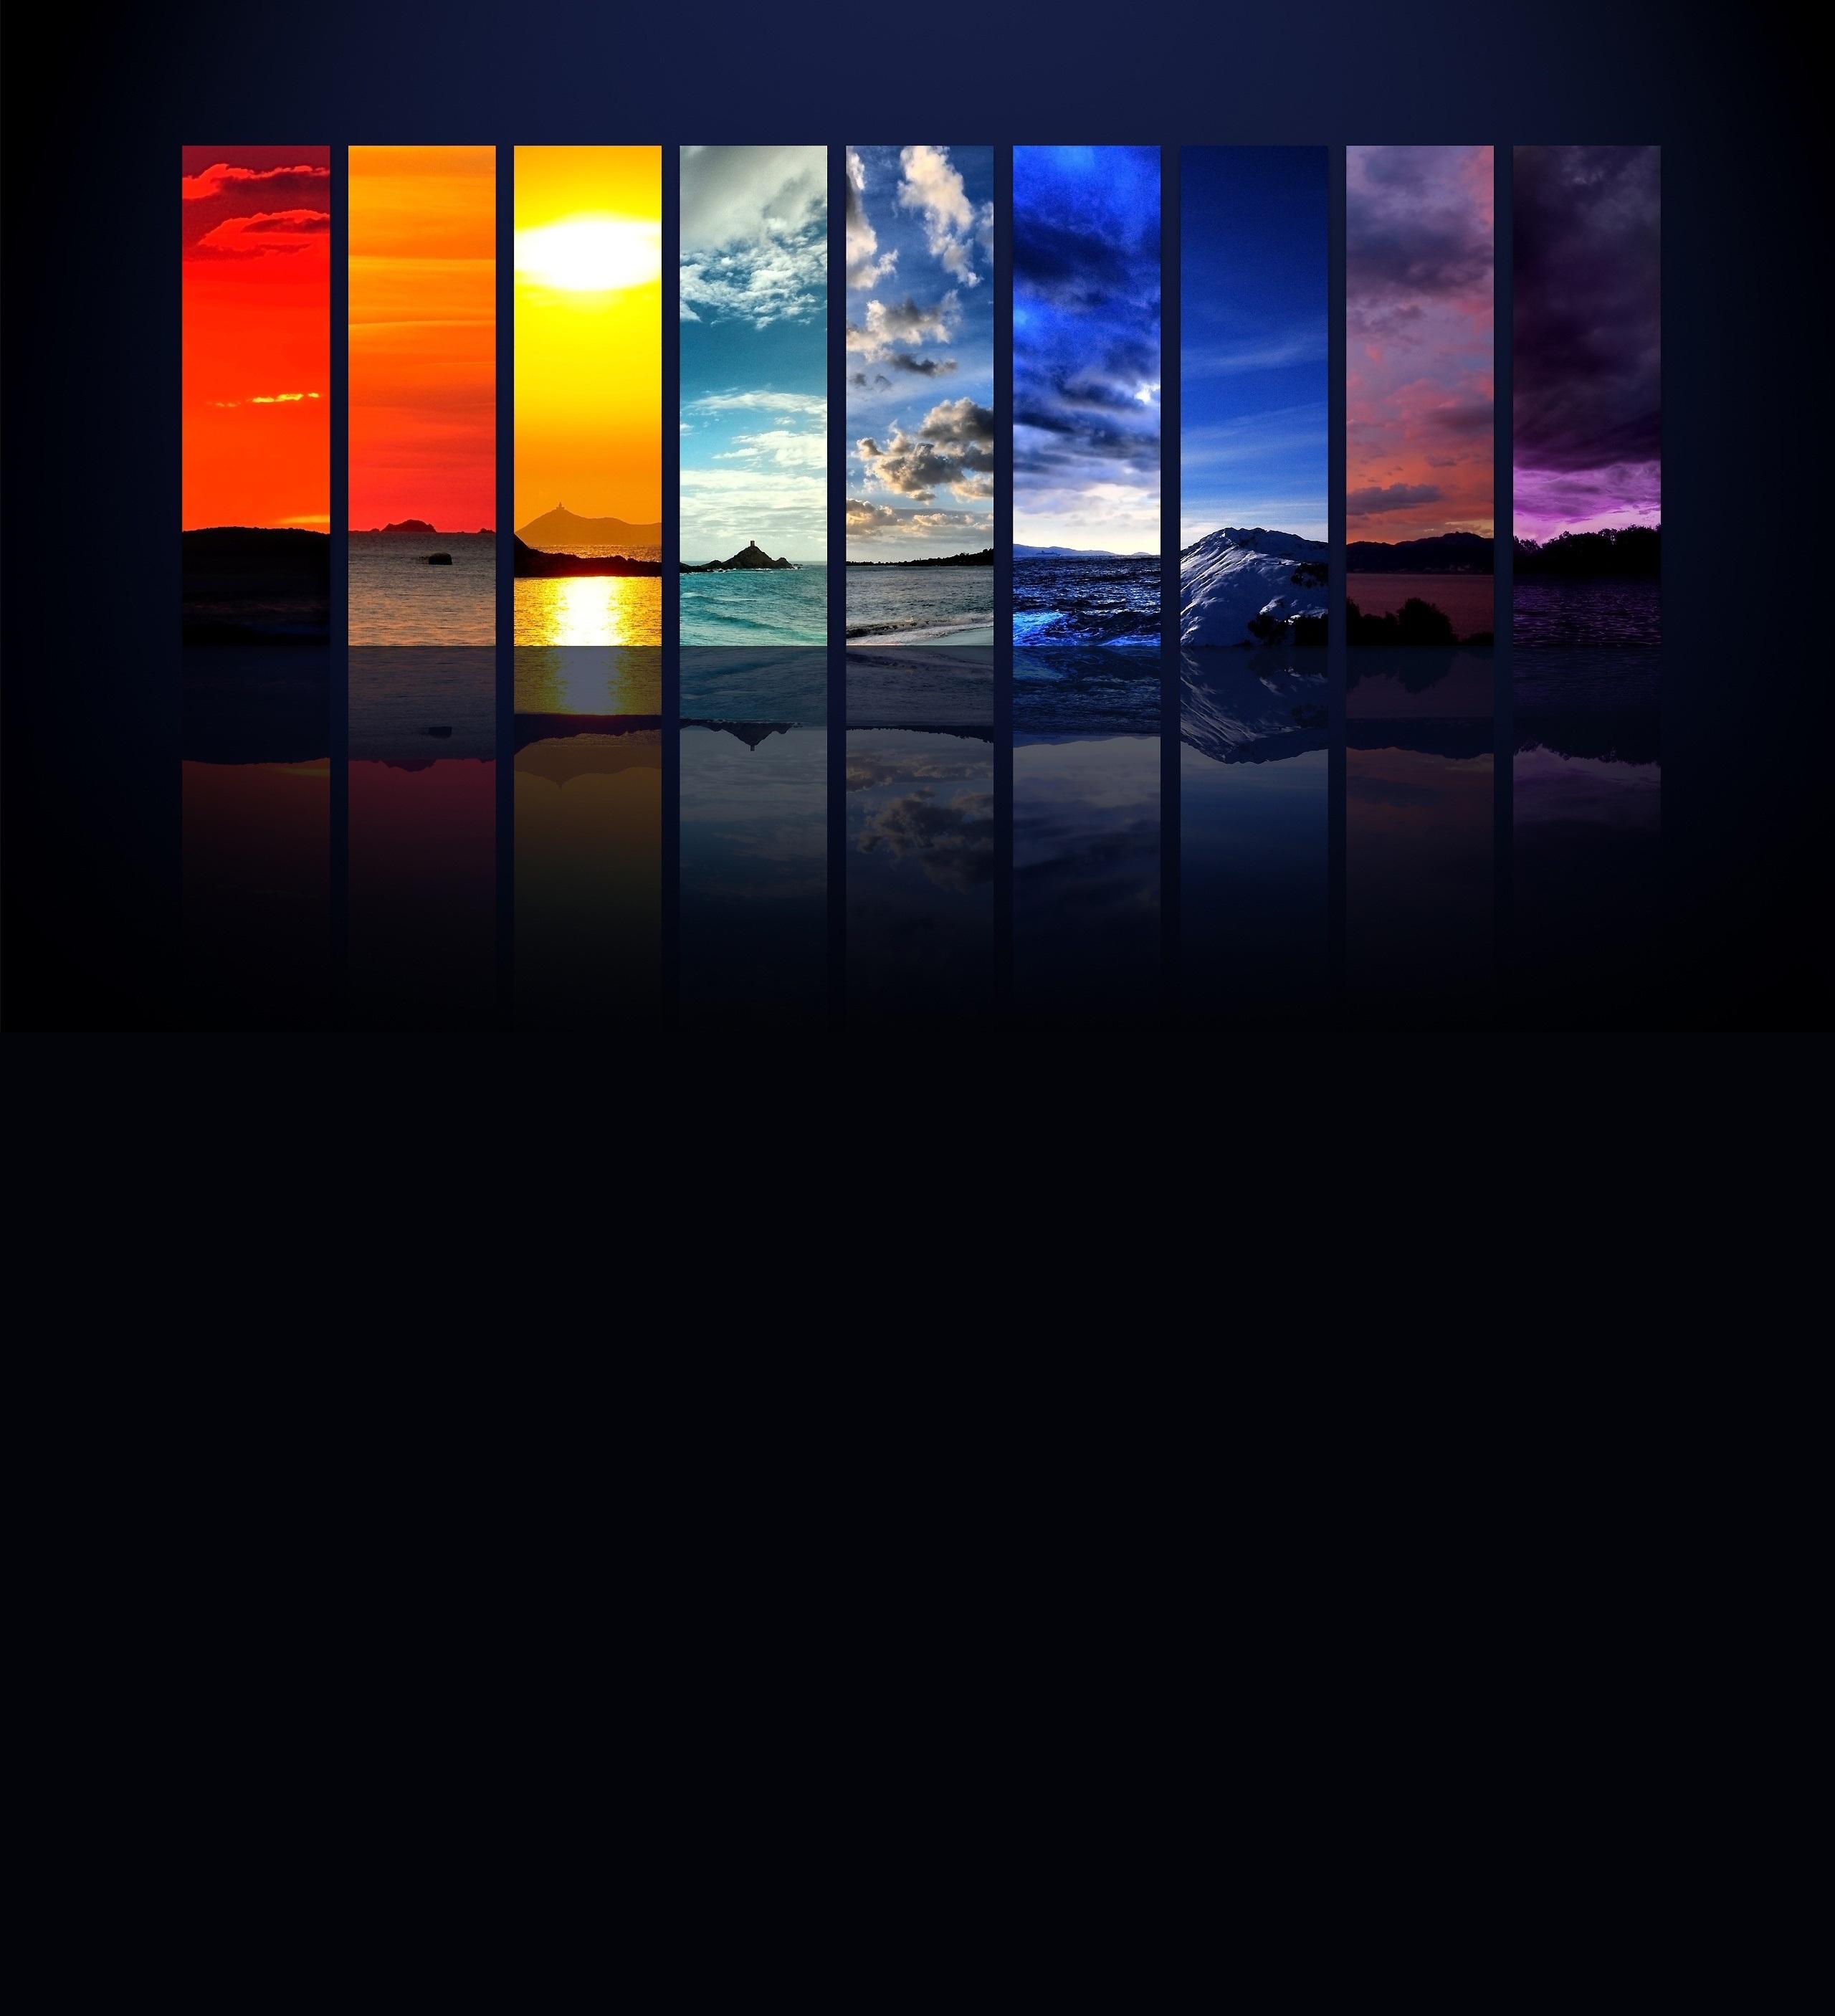 免费下载彩虹, 景观, 背景手机壁纸。